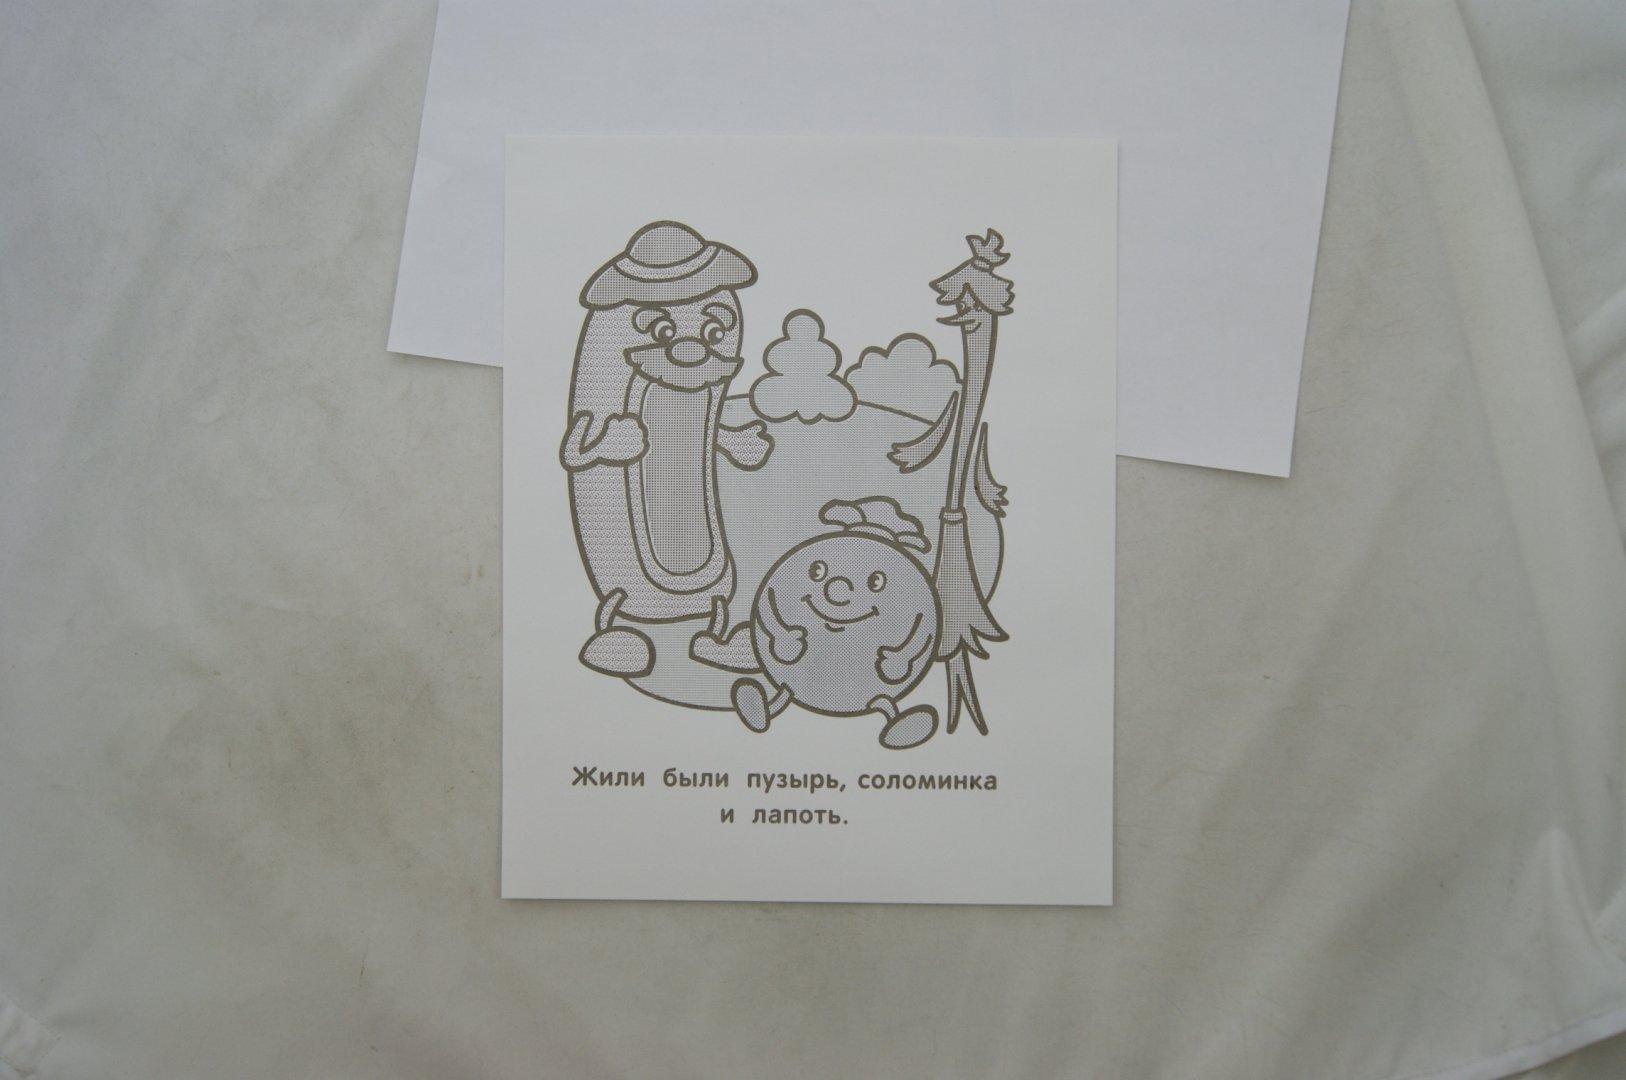 Иллюстрация 1 из 22 для Набор водных раскрасок. Пузырь, соломинка и лапоть | Лабиринт - книги. Источник: Лабиринт